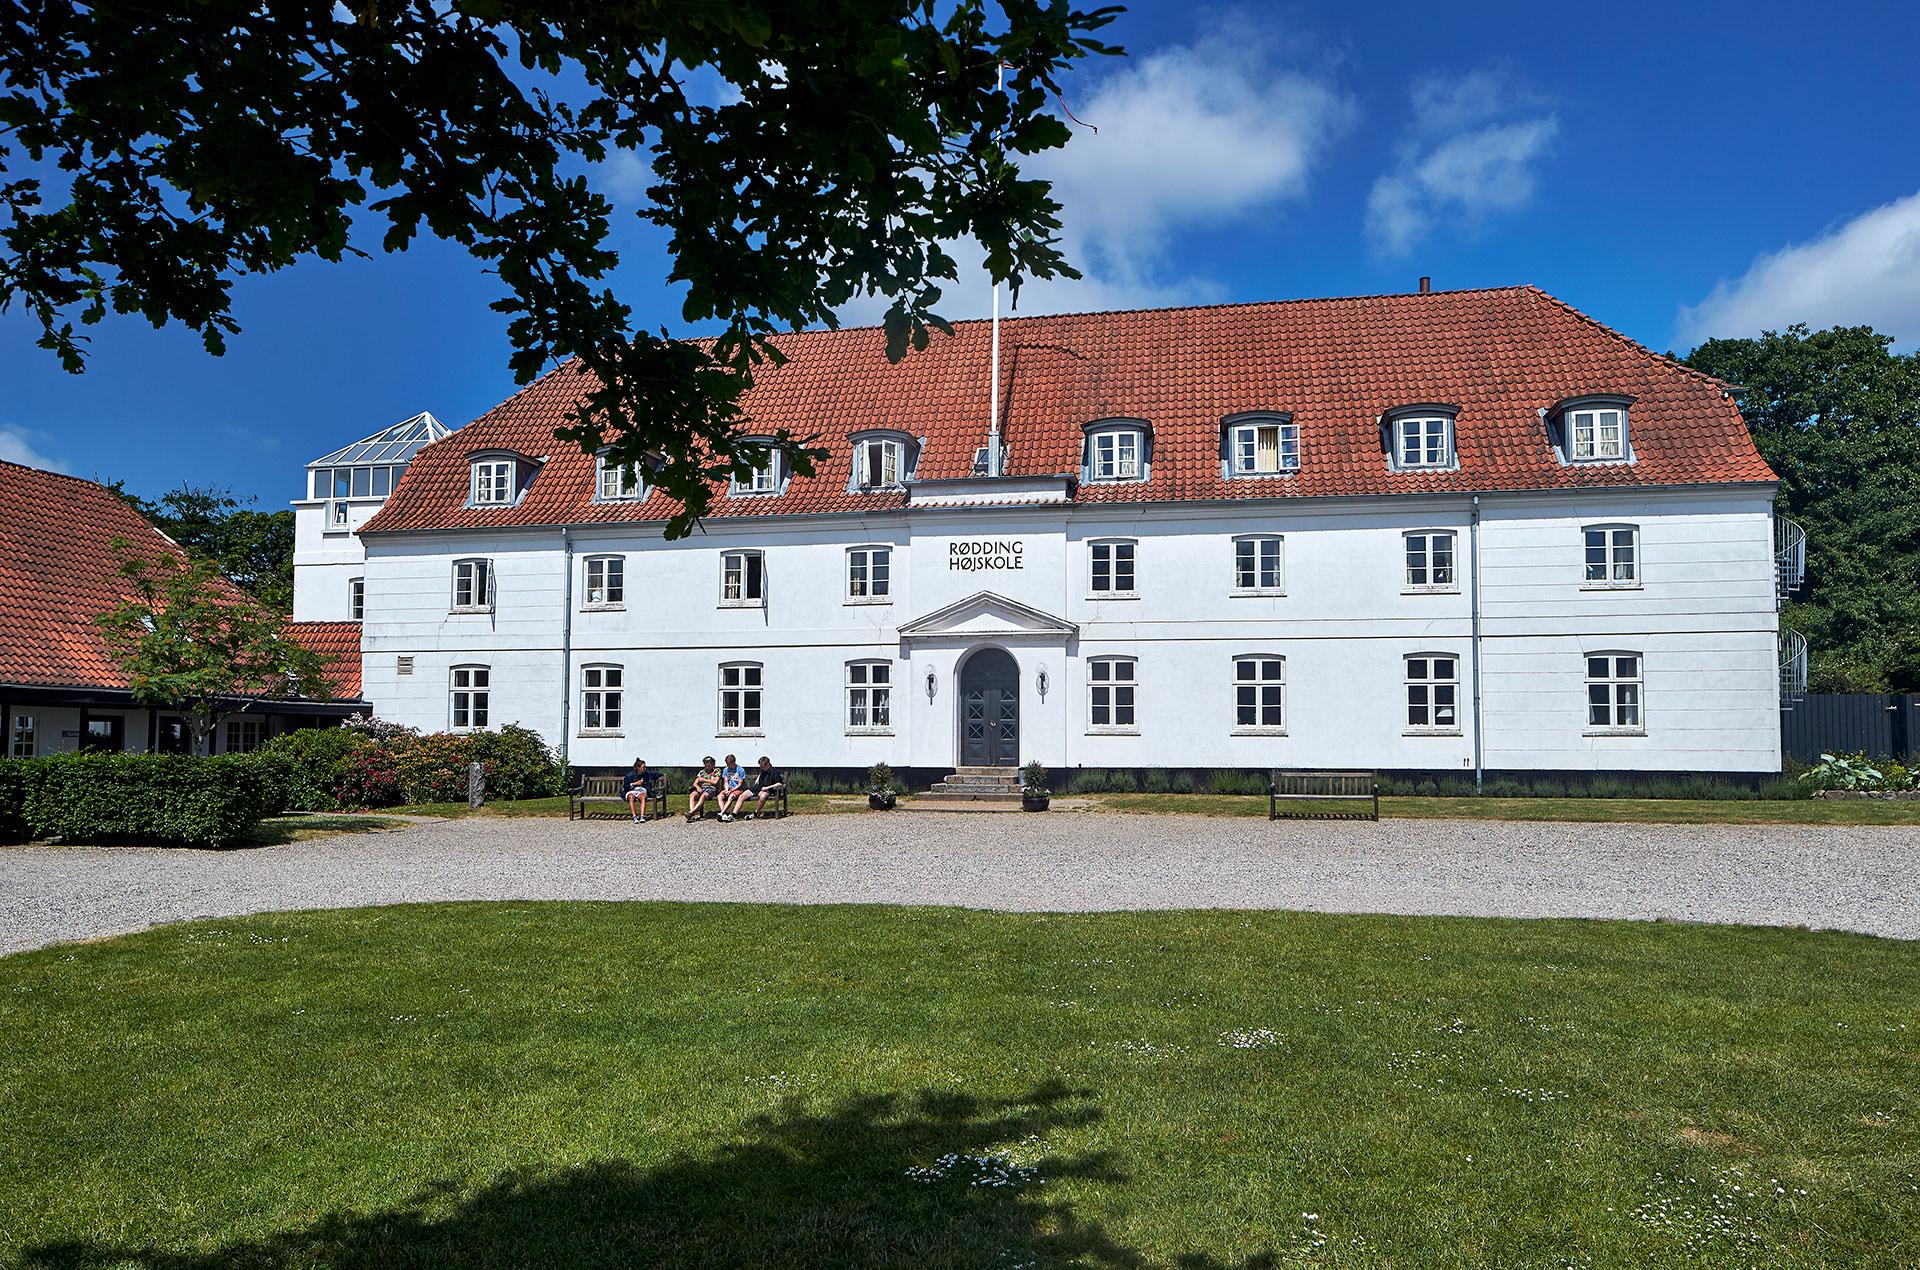 Højskolens gårdsplads med den flotte hovedbygning.